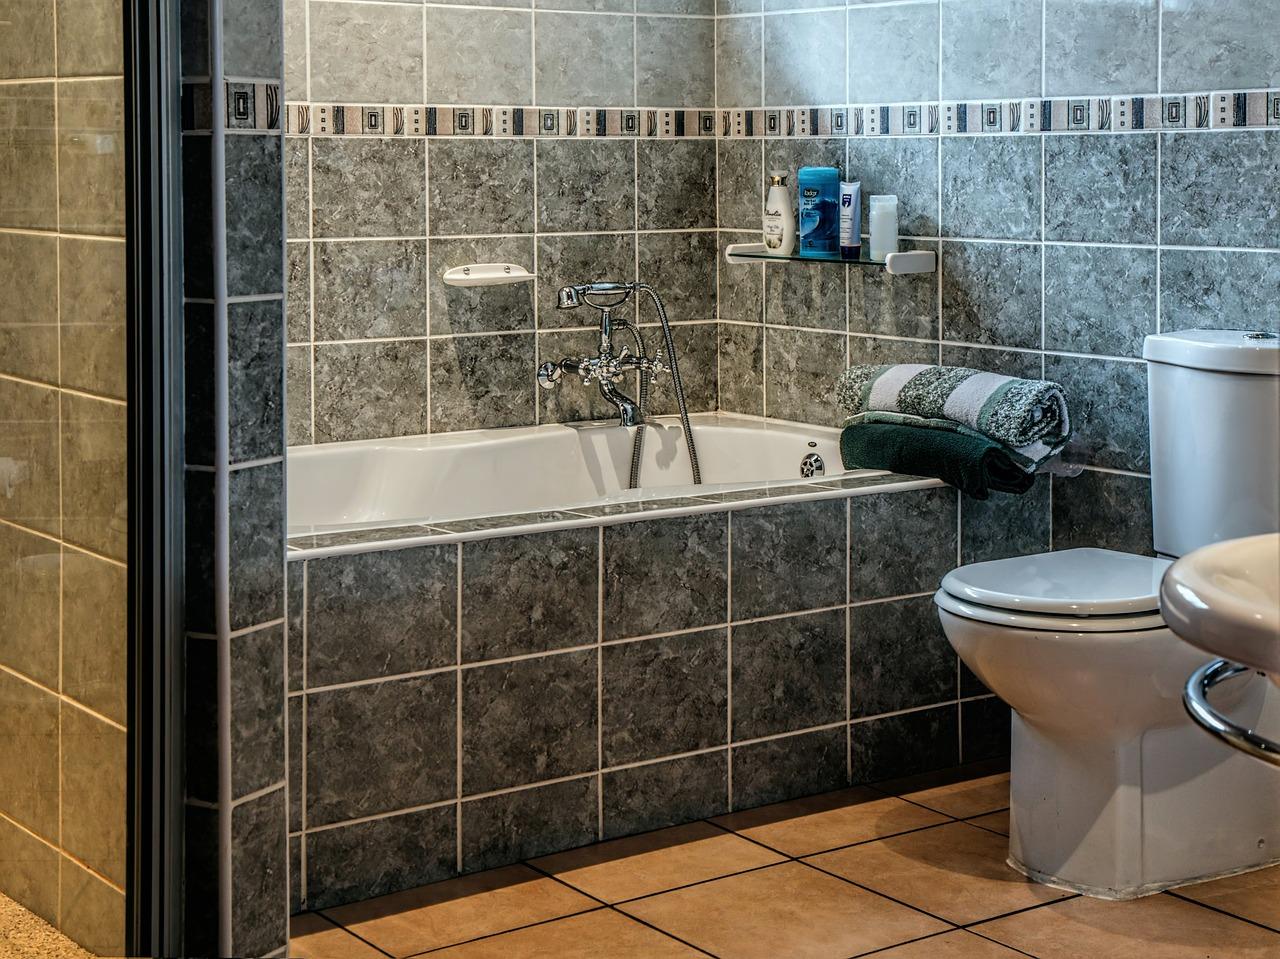 W nowoczesnych łazienkach zamiast tradycyjnych modeli coraz częściej stosowane są bezkołnierzowe toalety i bezbrodzikowe kabiny